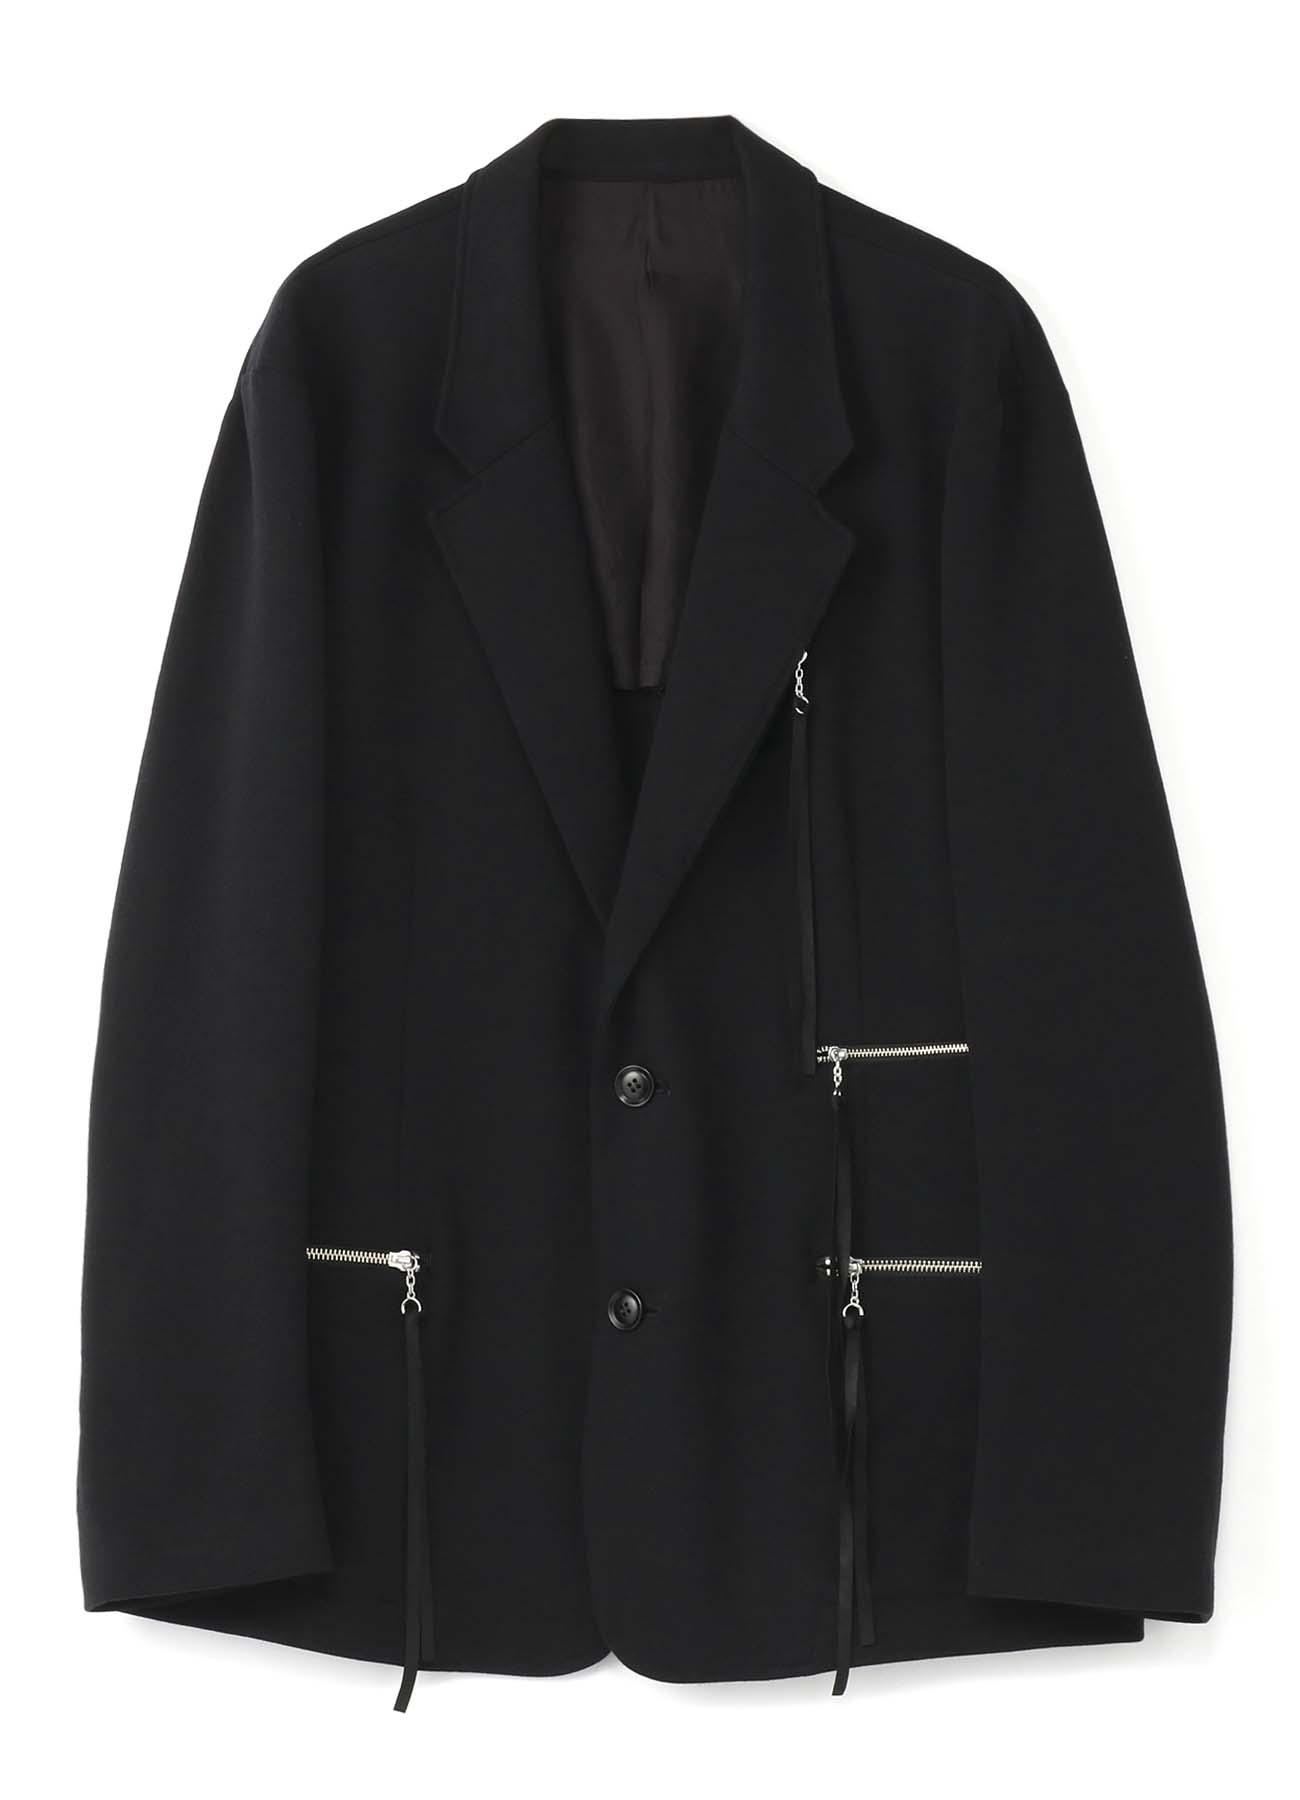 NO.27 ファスナーポケットジャケット